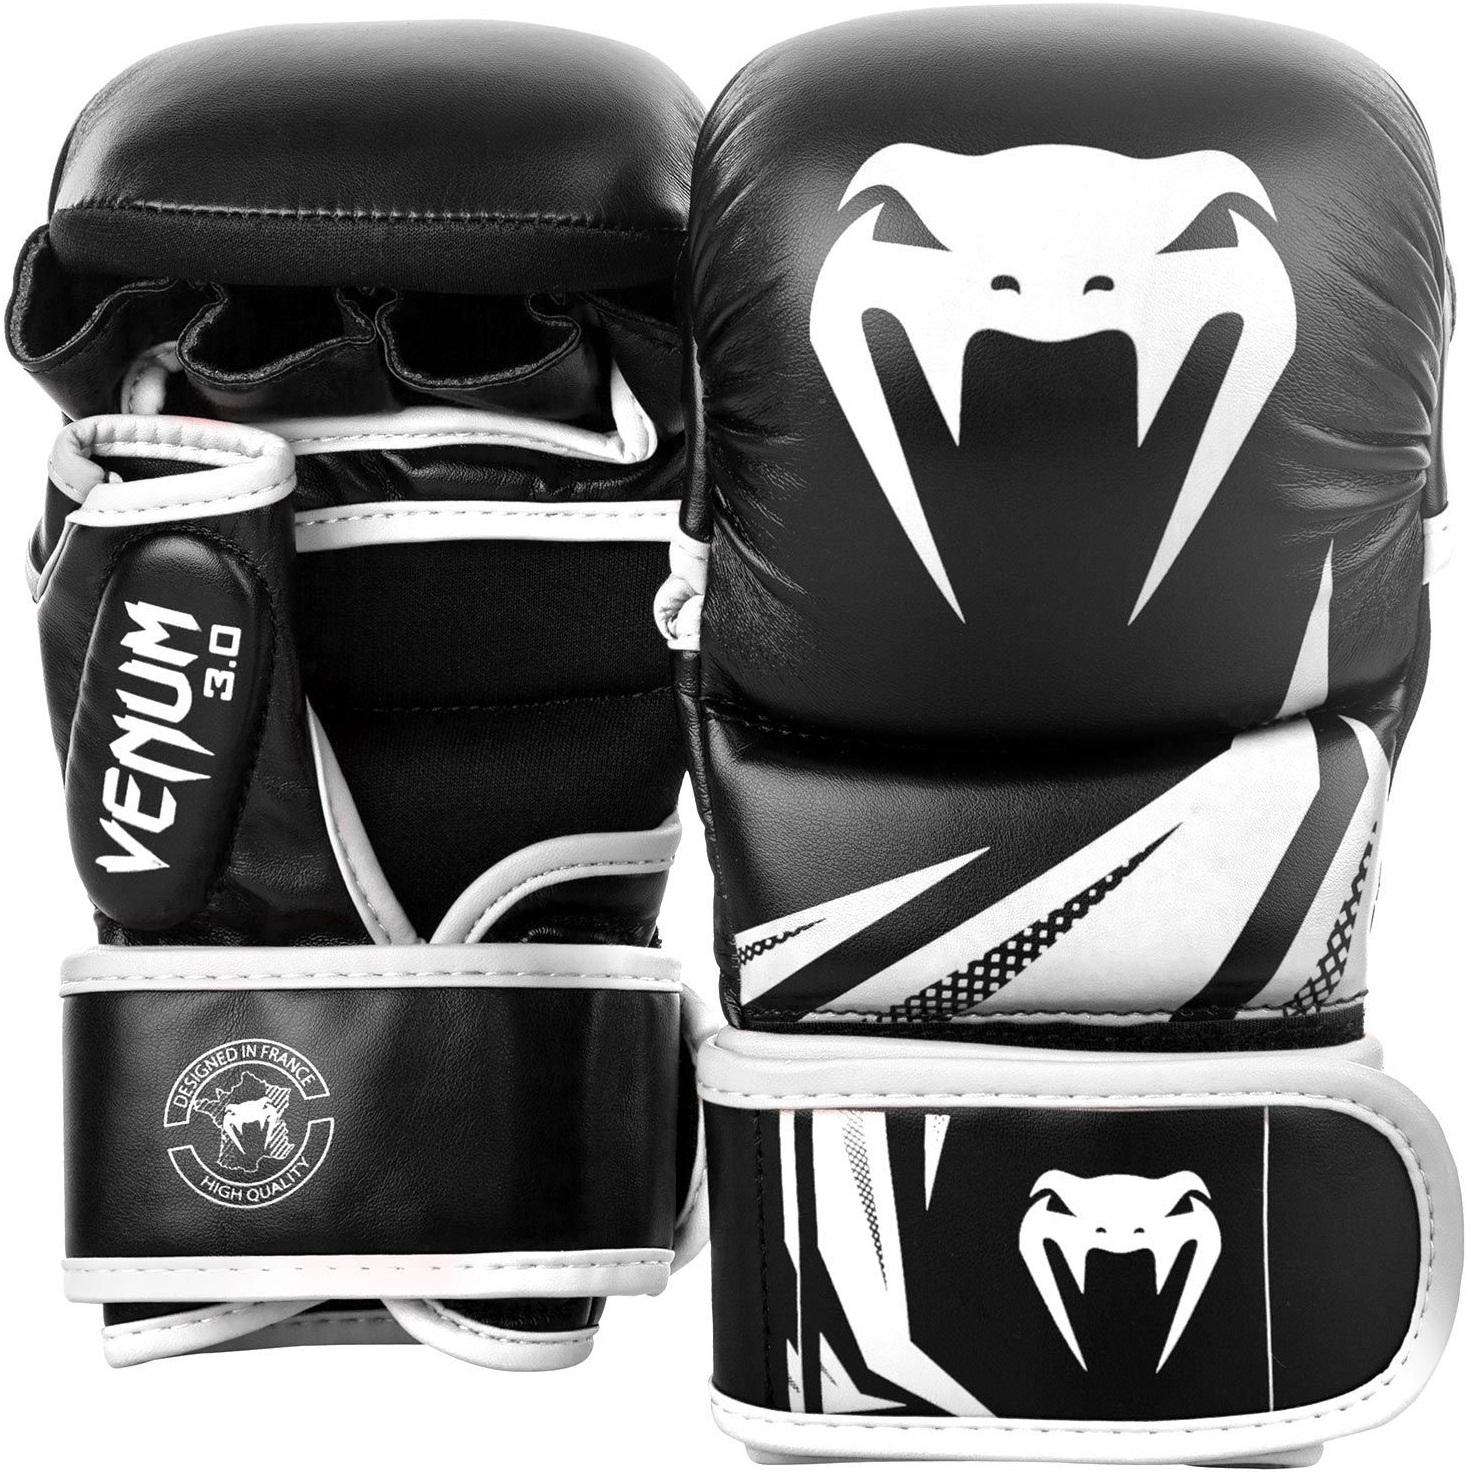 ММА перчатки Перчатки для ММА Venum Challenger 3.0 Sparring Gloves Black/White 1.jpg